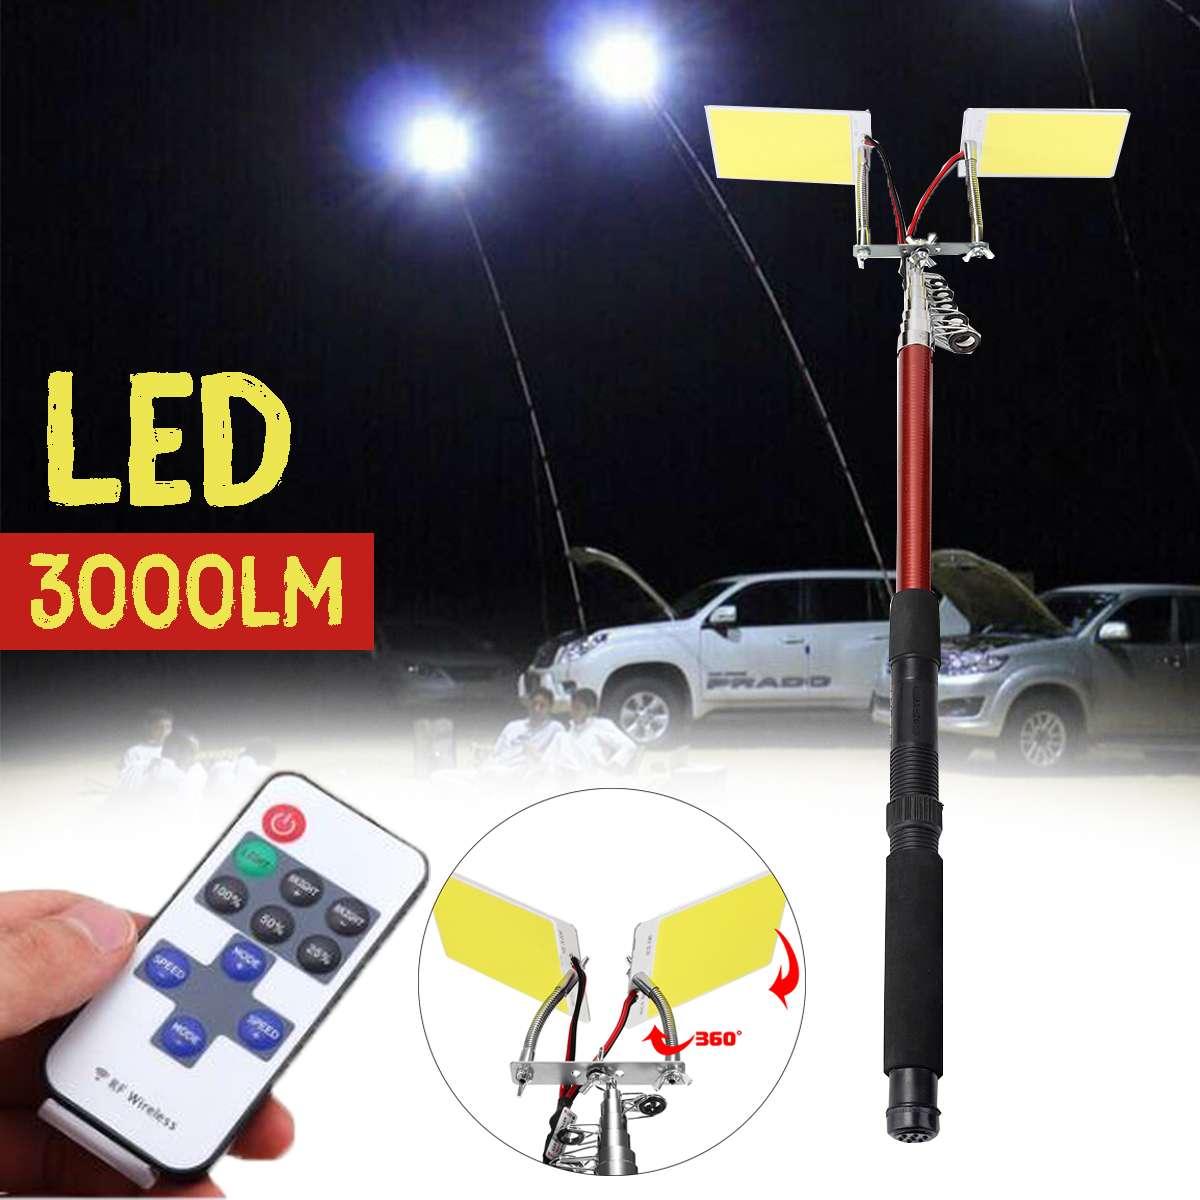 3.75 M 12 V télescopique LED canne à pêche lanterne extérieure Camping lampe Mobile réverbère avec télécommande pour voyage de route